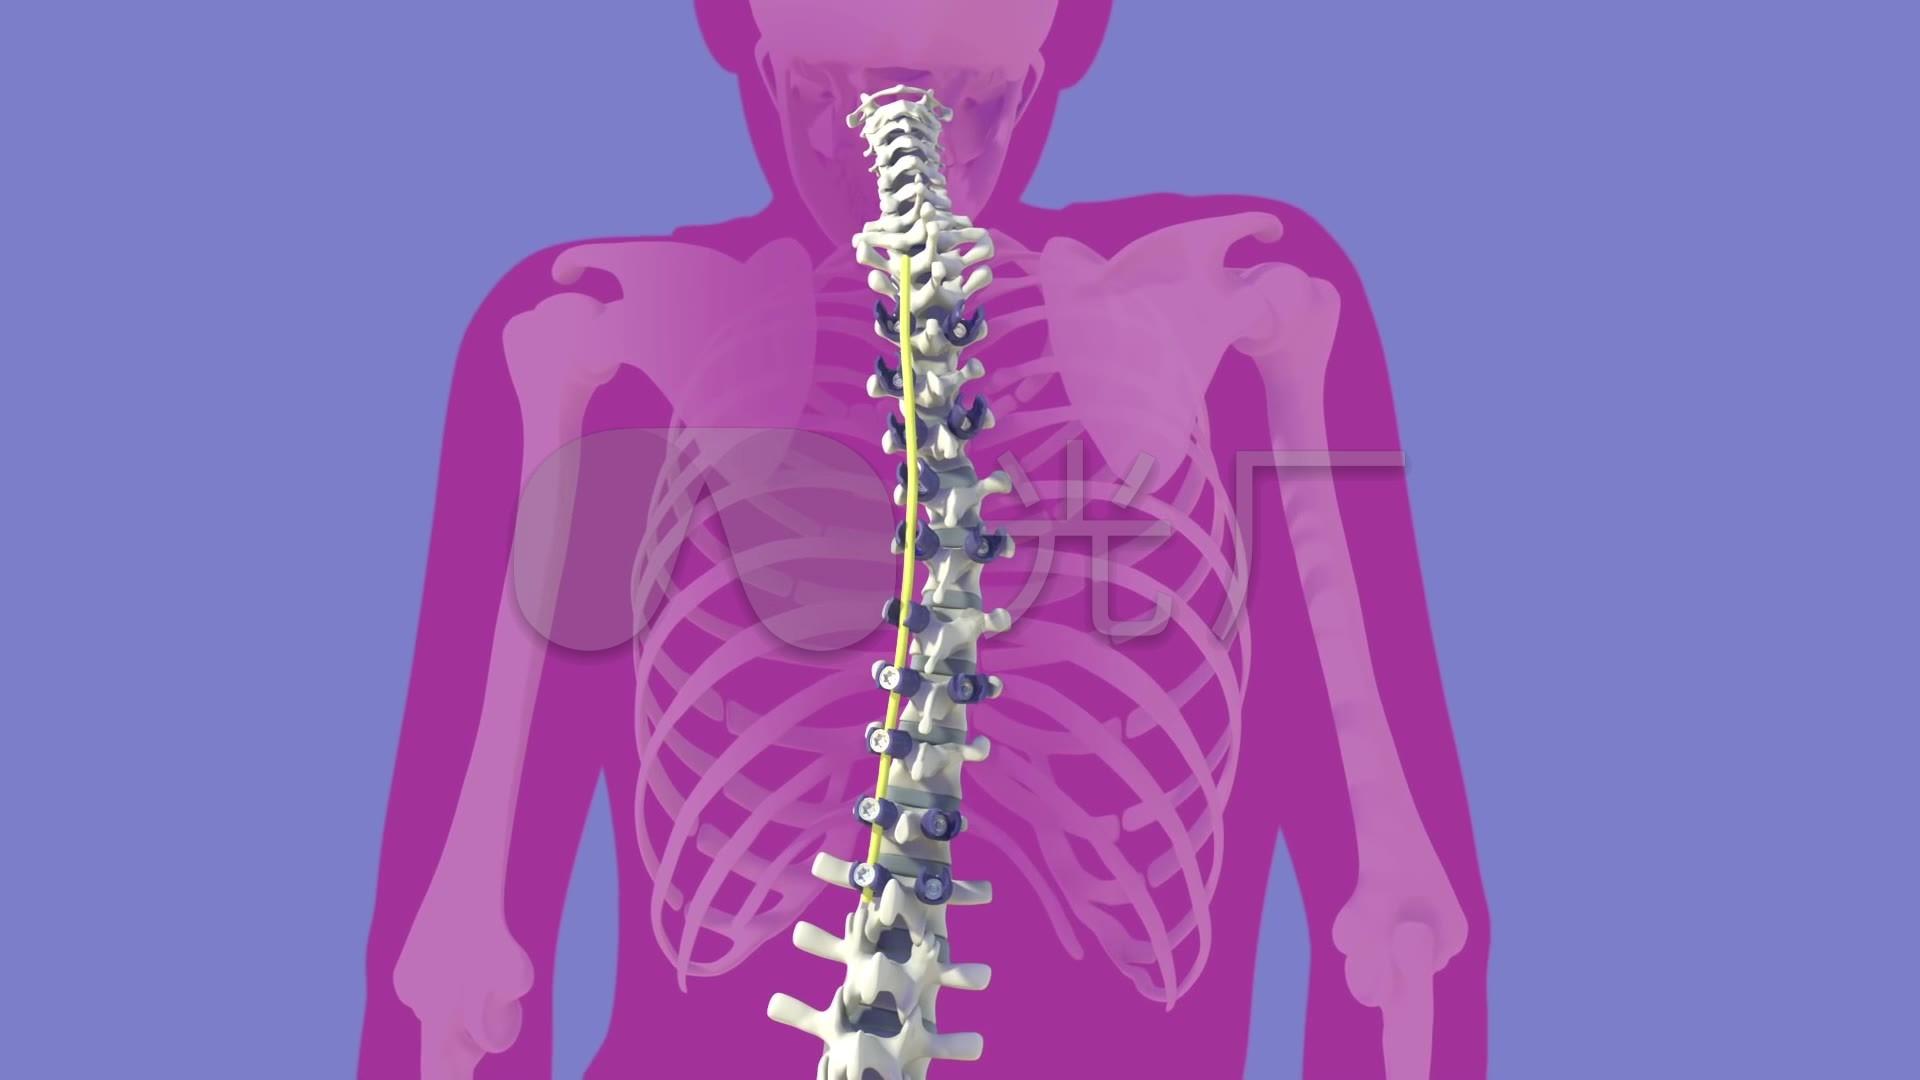 脊柱侧弯矫正手术动画_1920X1080_高清视频素材下载(编号:1676673)_实拍视频